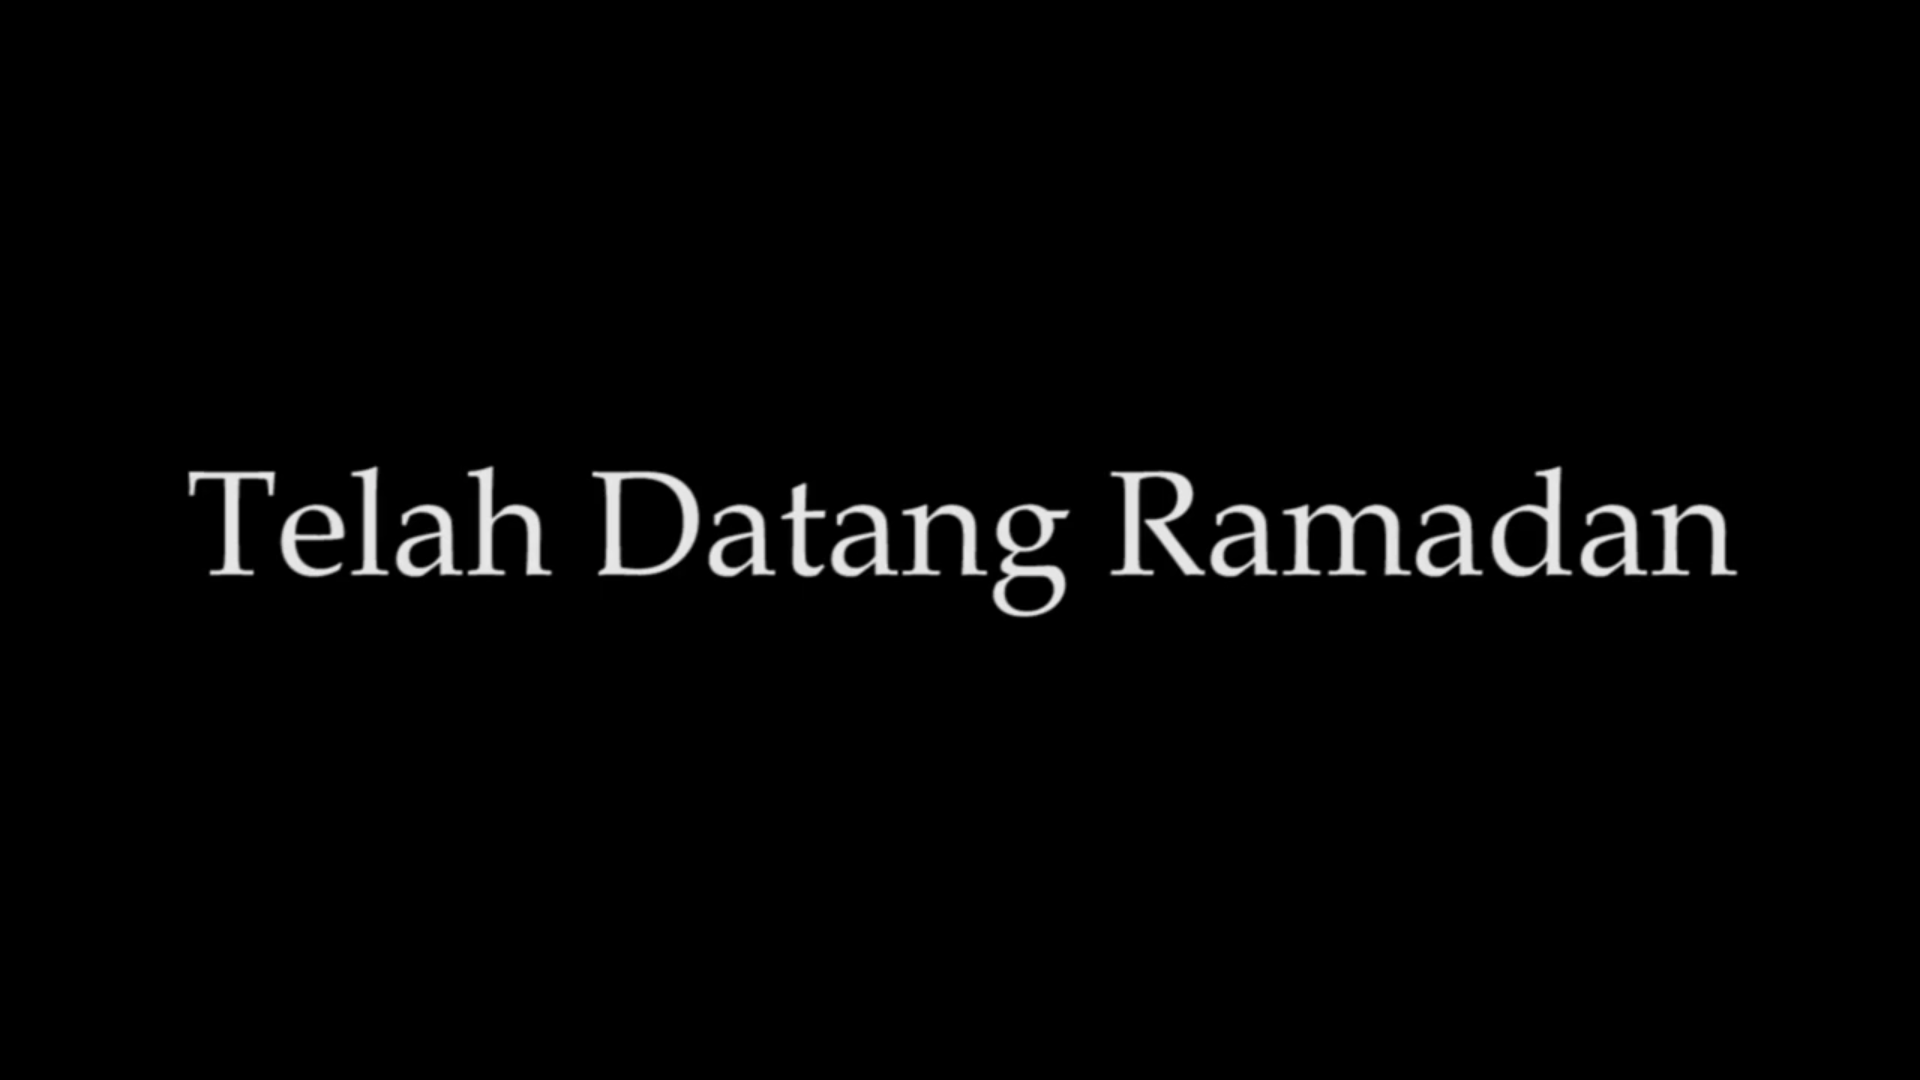 Telah Datang Ramadan